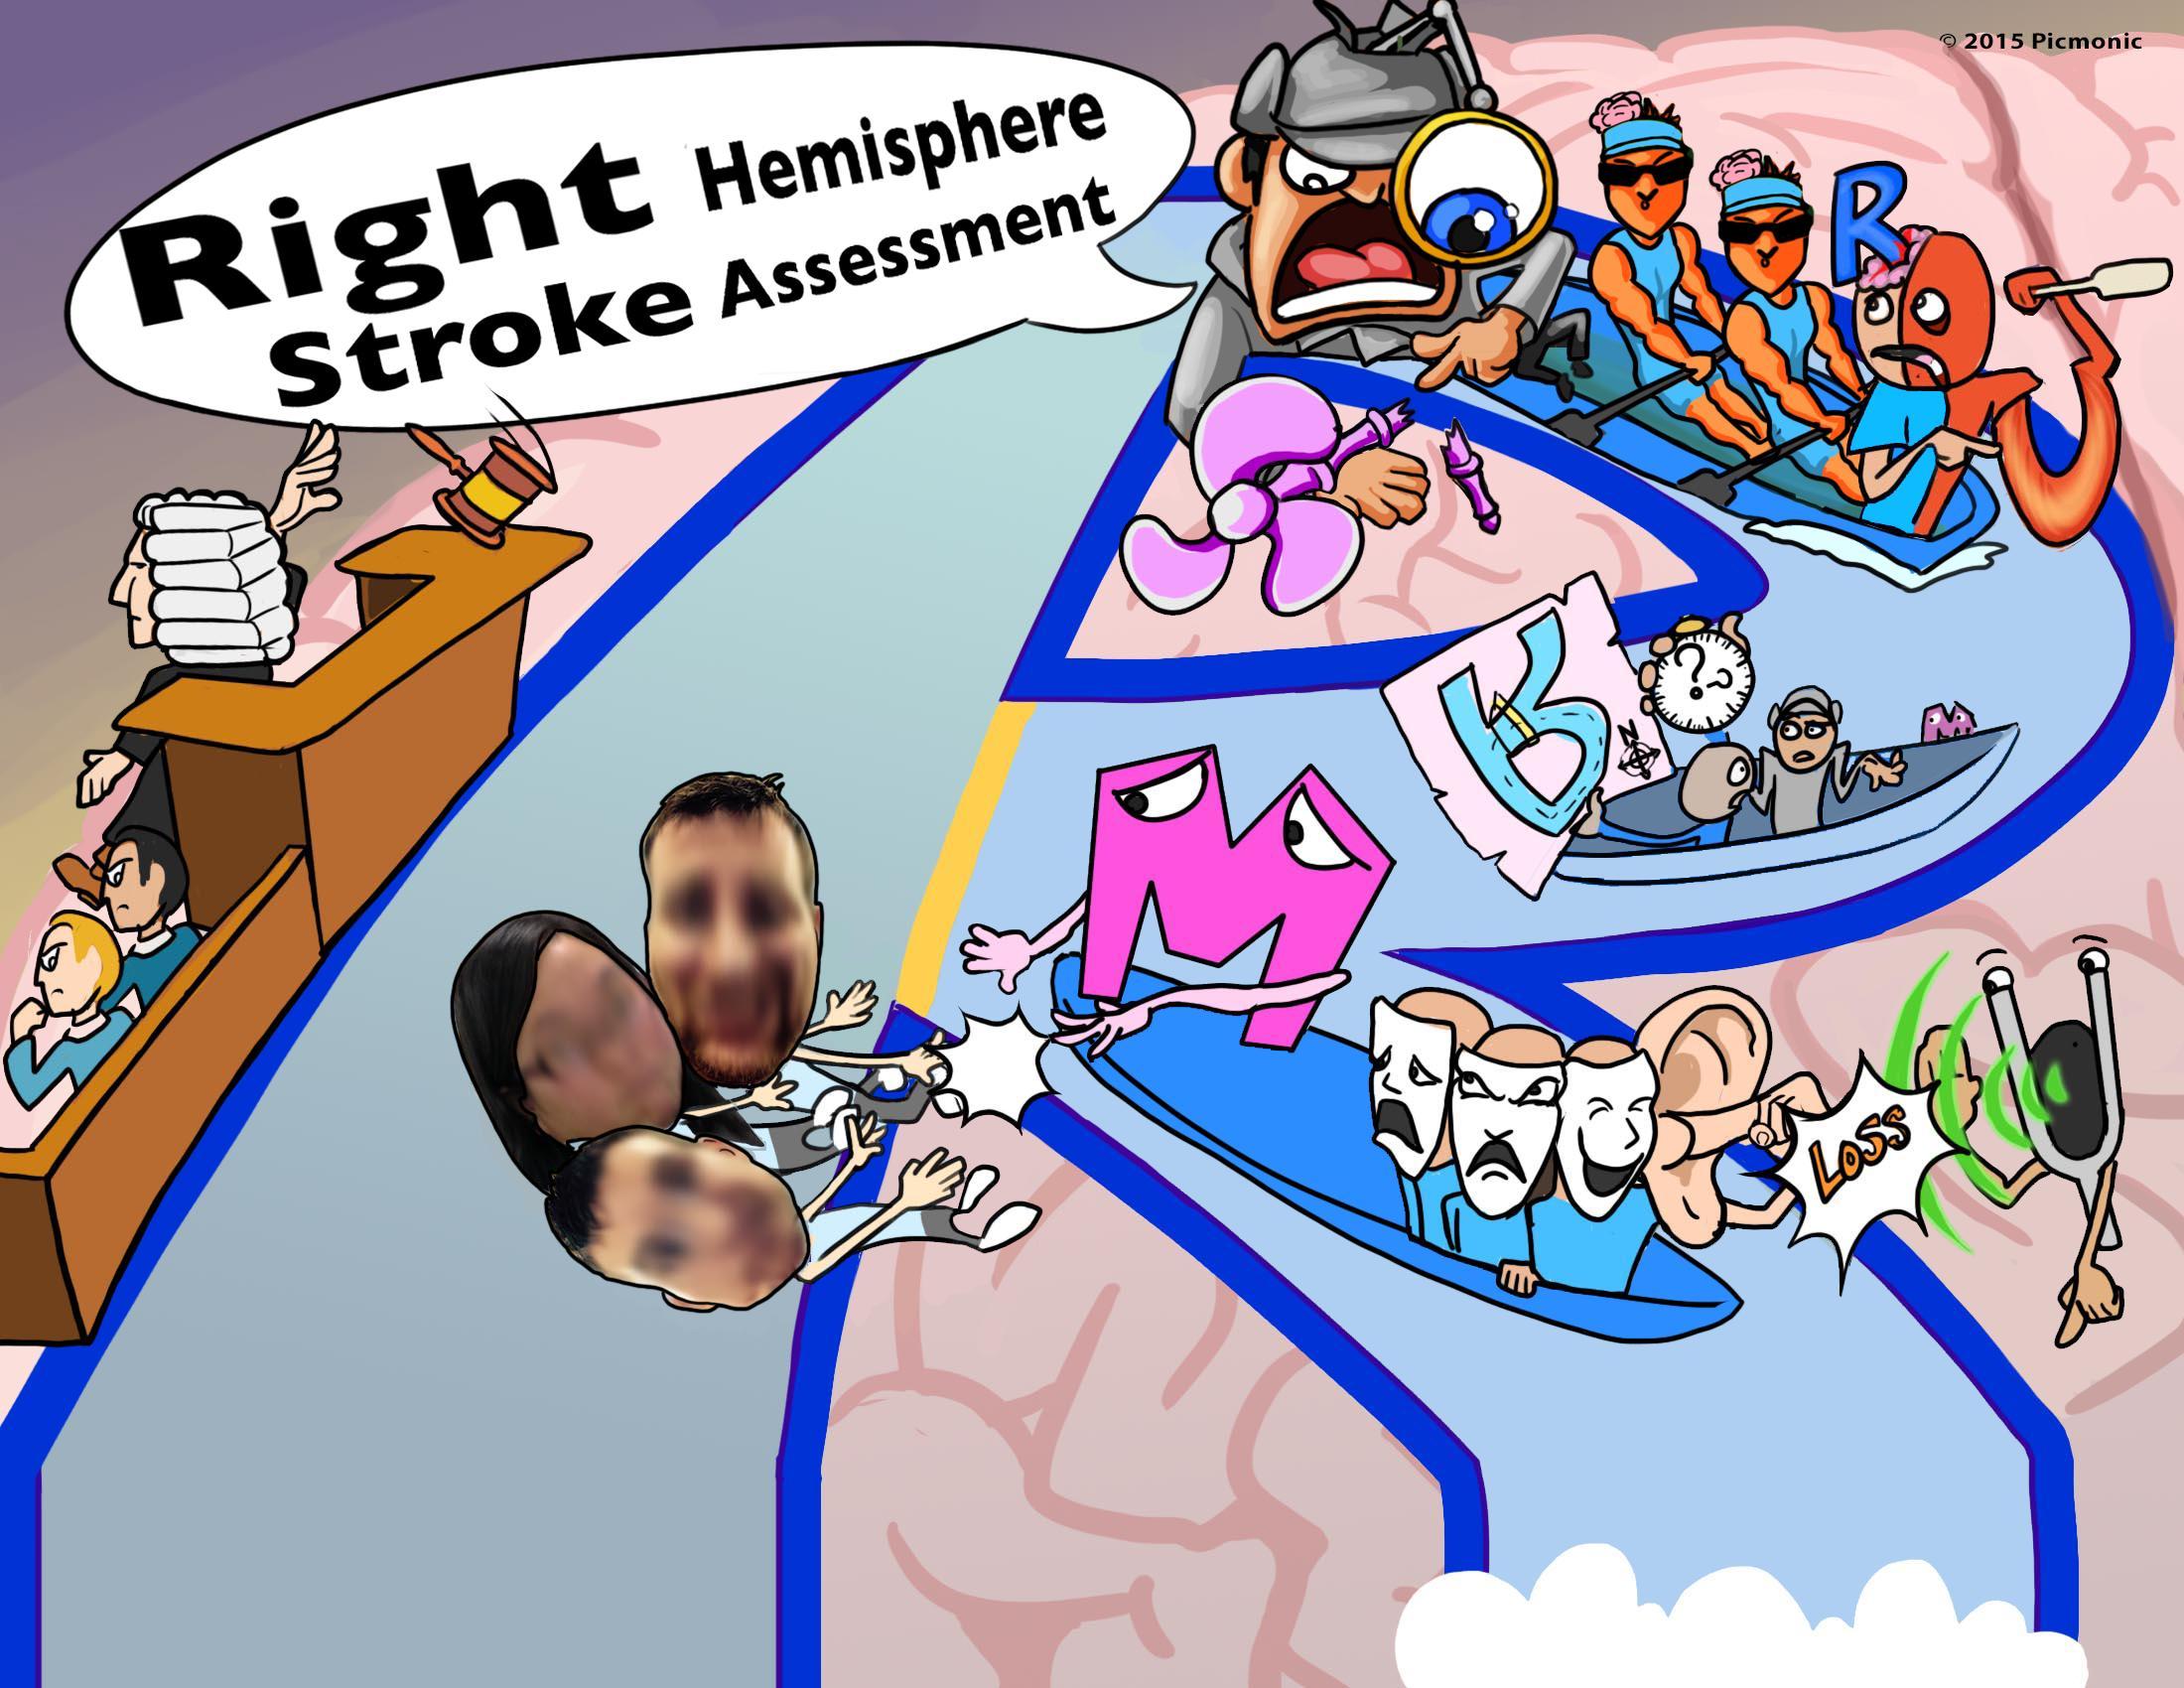 Right Hemisphere Stroke Assessment